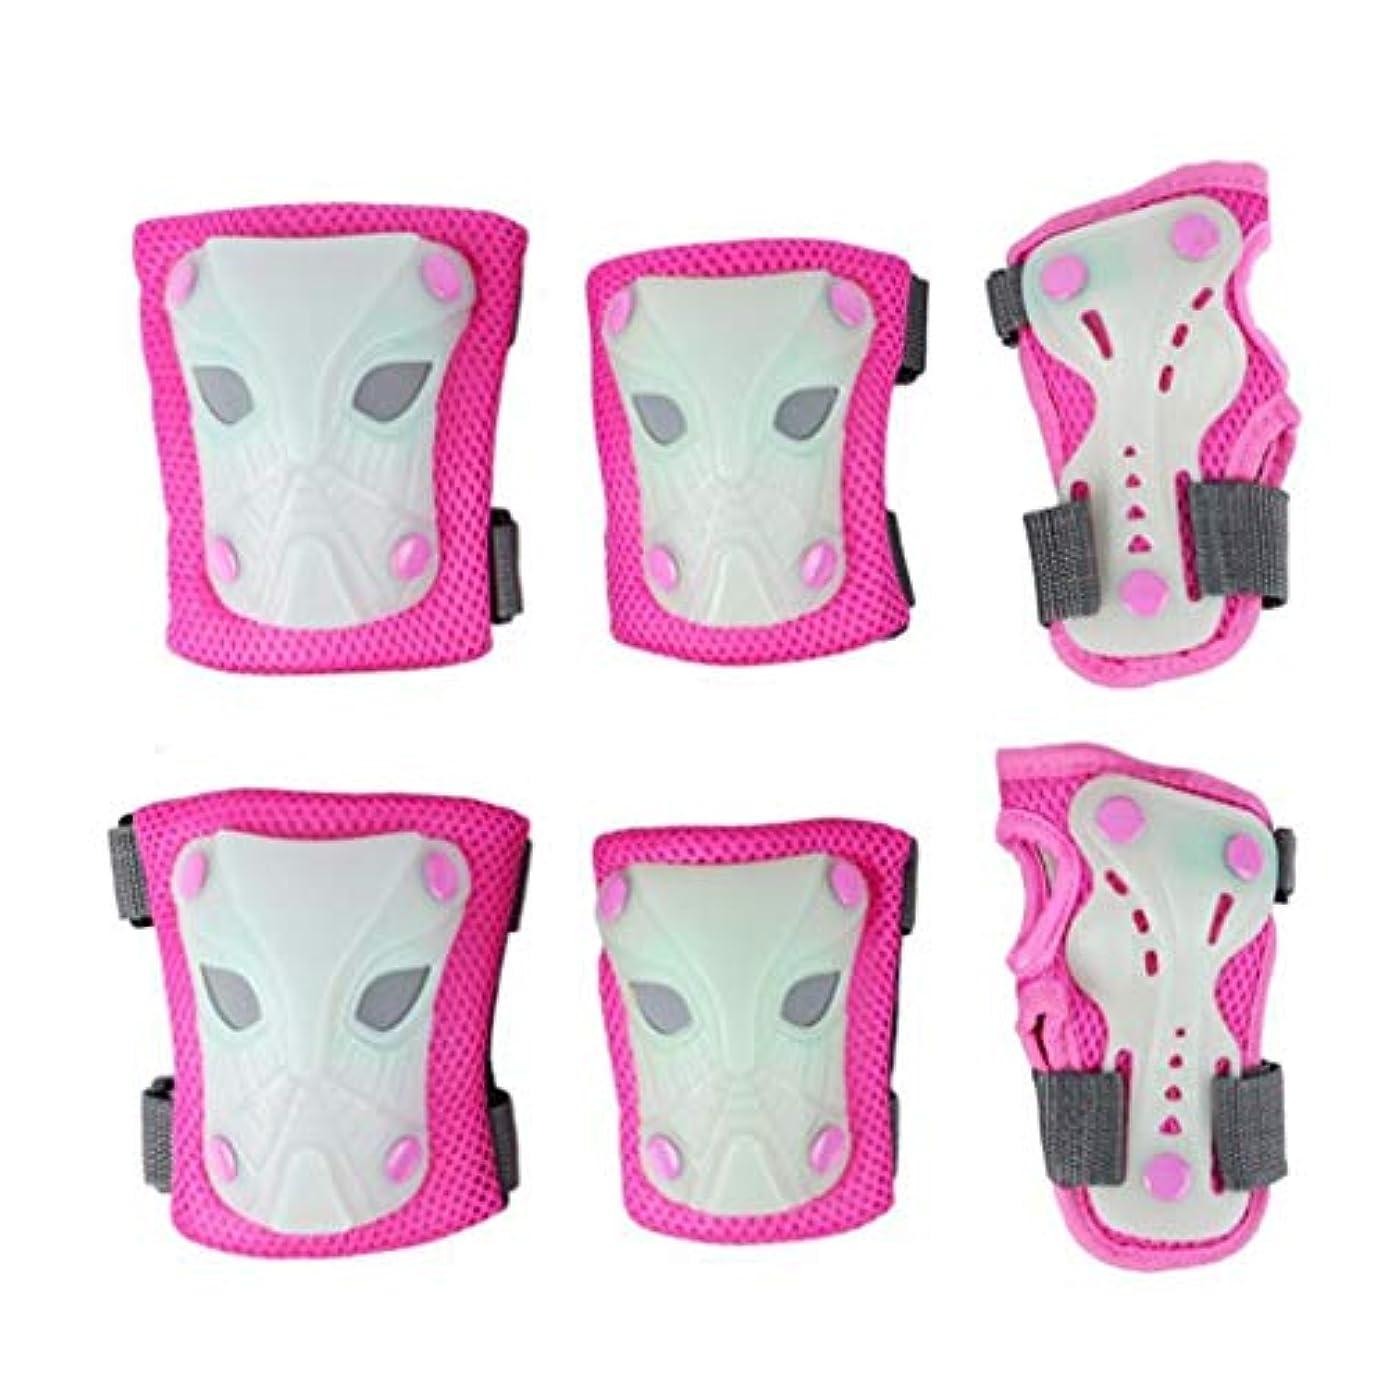 中庭認識ビヨン安全防護服、夜間の蛍光灯効果、調節可能な肘手首膝パッド (色 : ピンク, サイズ さいず : M m)